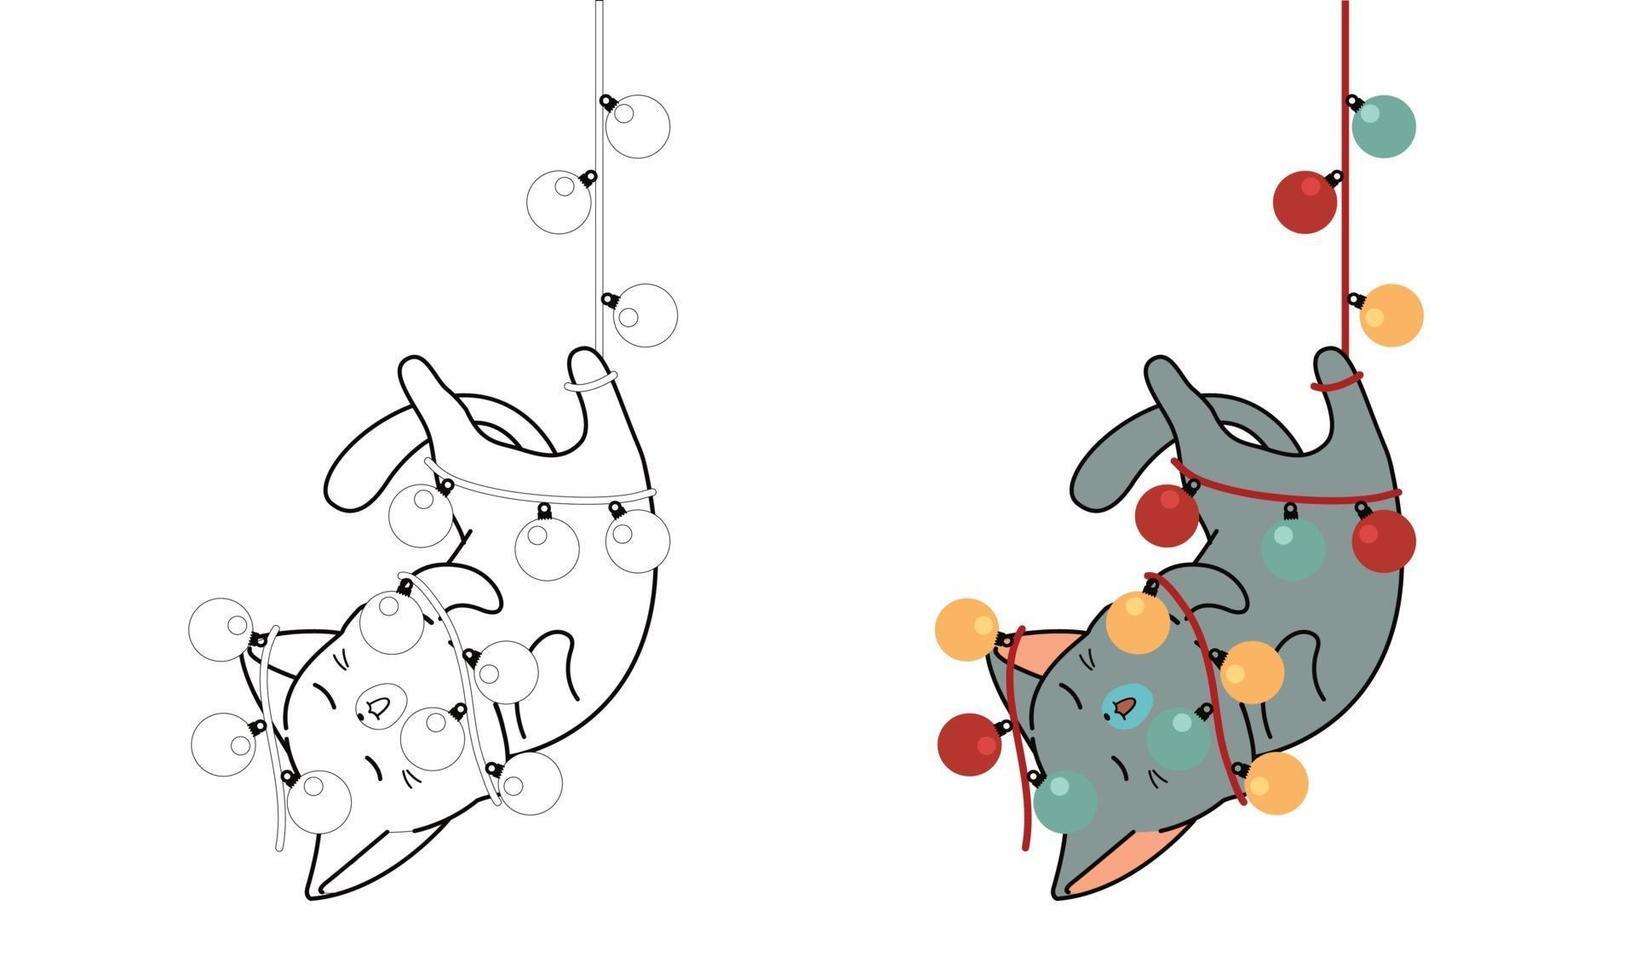 Katze hängt an einem elektrischen Draht, Cartoon Malvorlagen für Kinder vektor